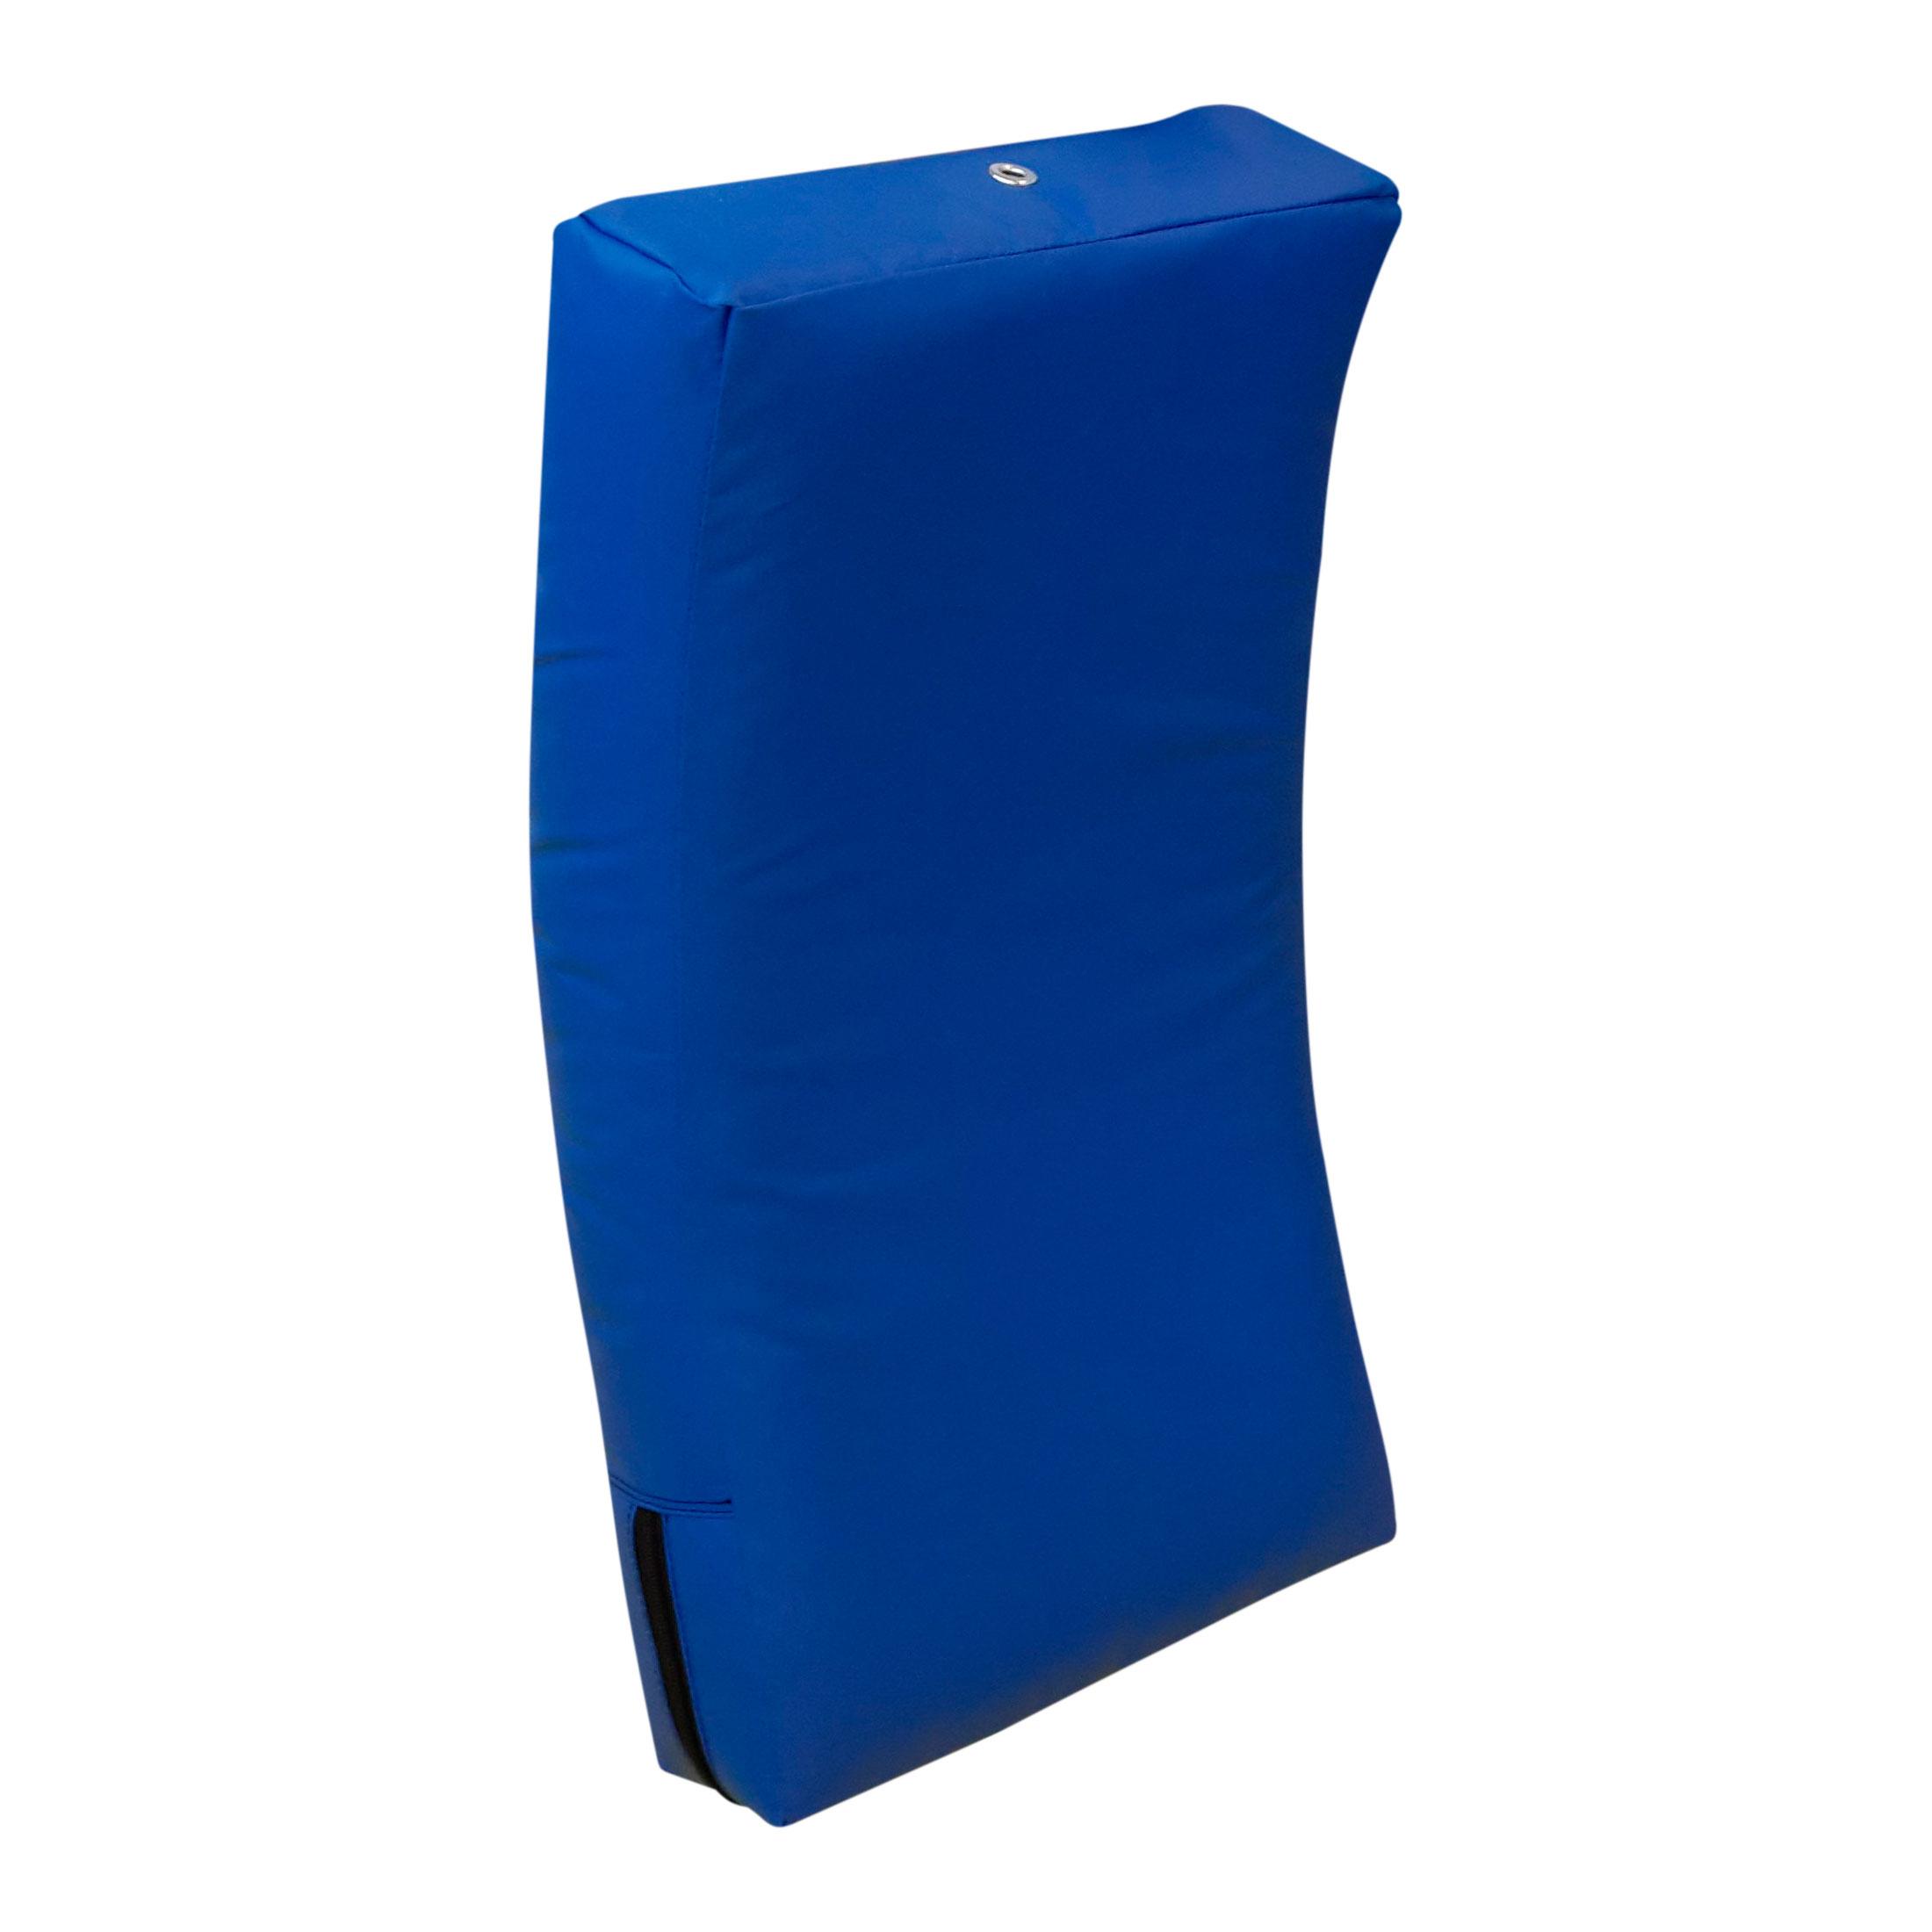 Макивара изогнутая с закругленными углами, выполненная из тента. Удерживается в положении для отработки лоу кика.